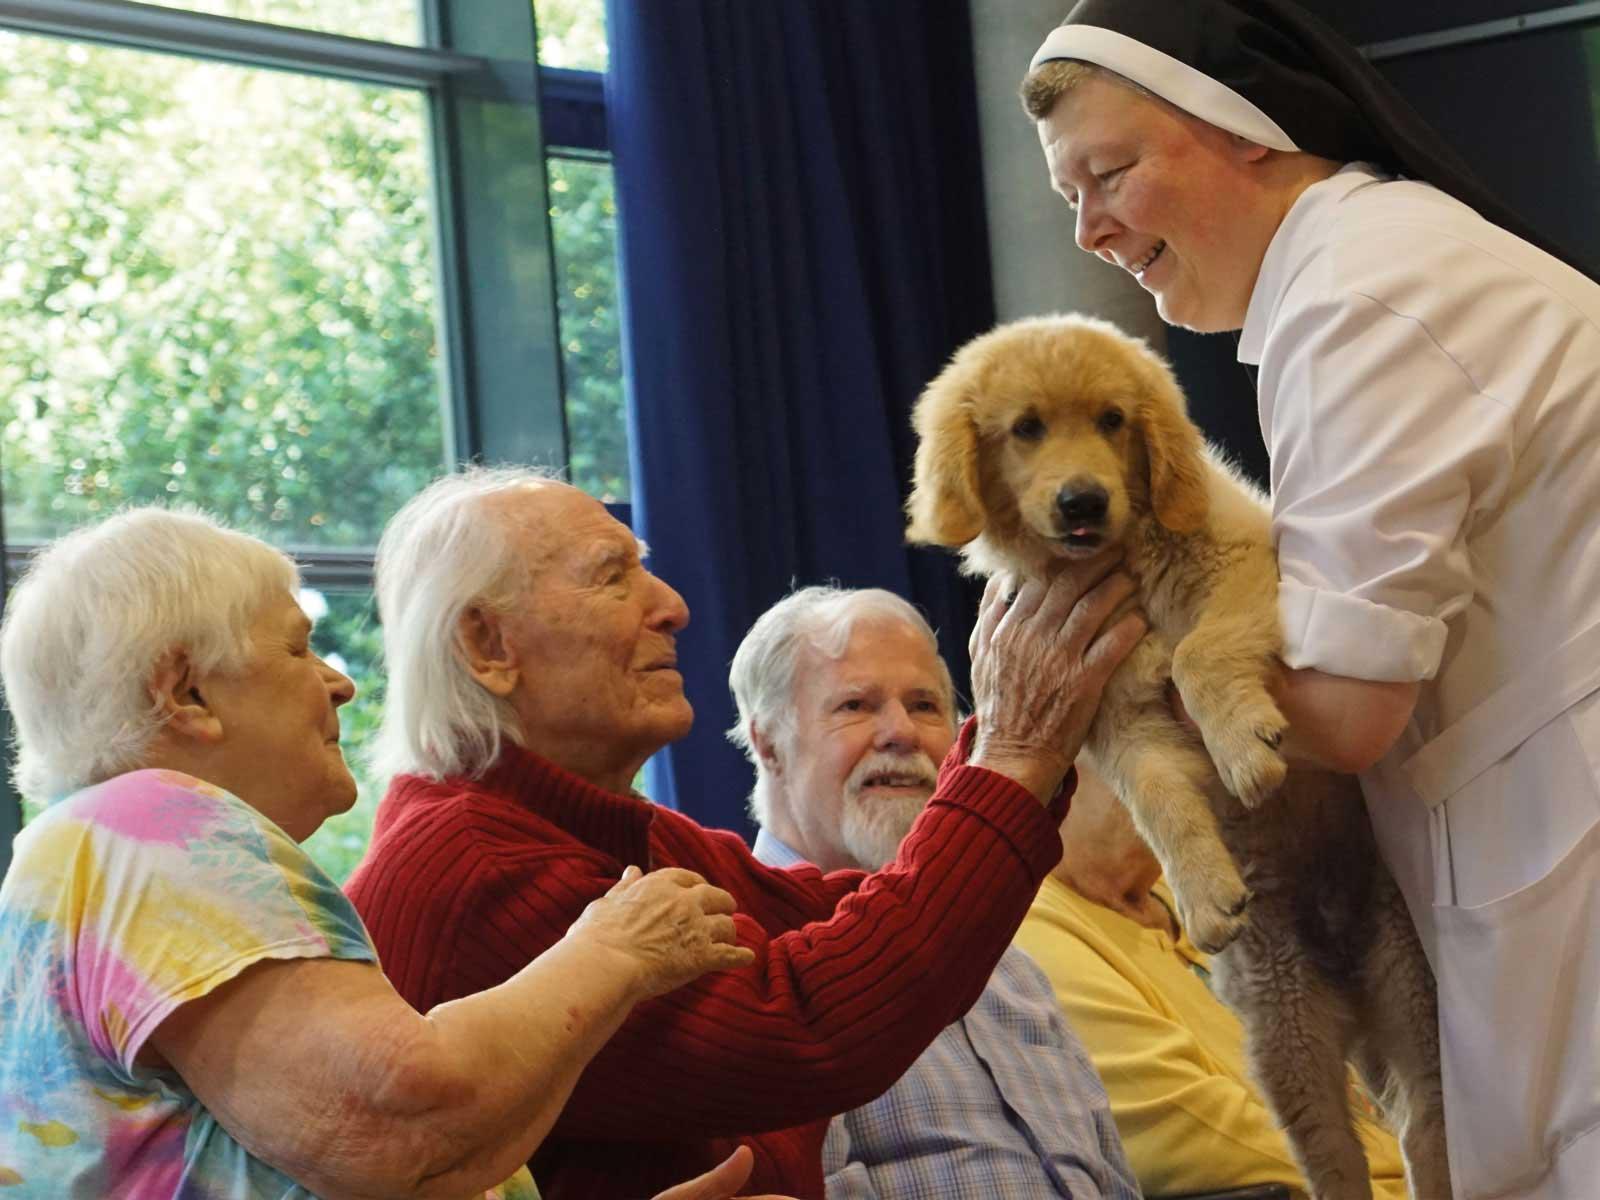 Seniorenzentrum-Bruder-Konrad-Stift-Schwester-mit-Hund-Henry-12